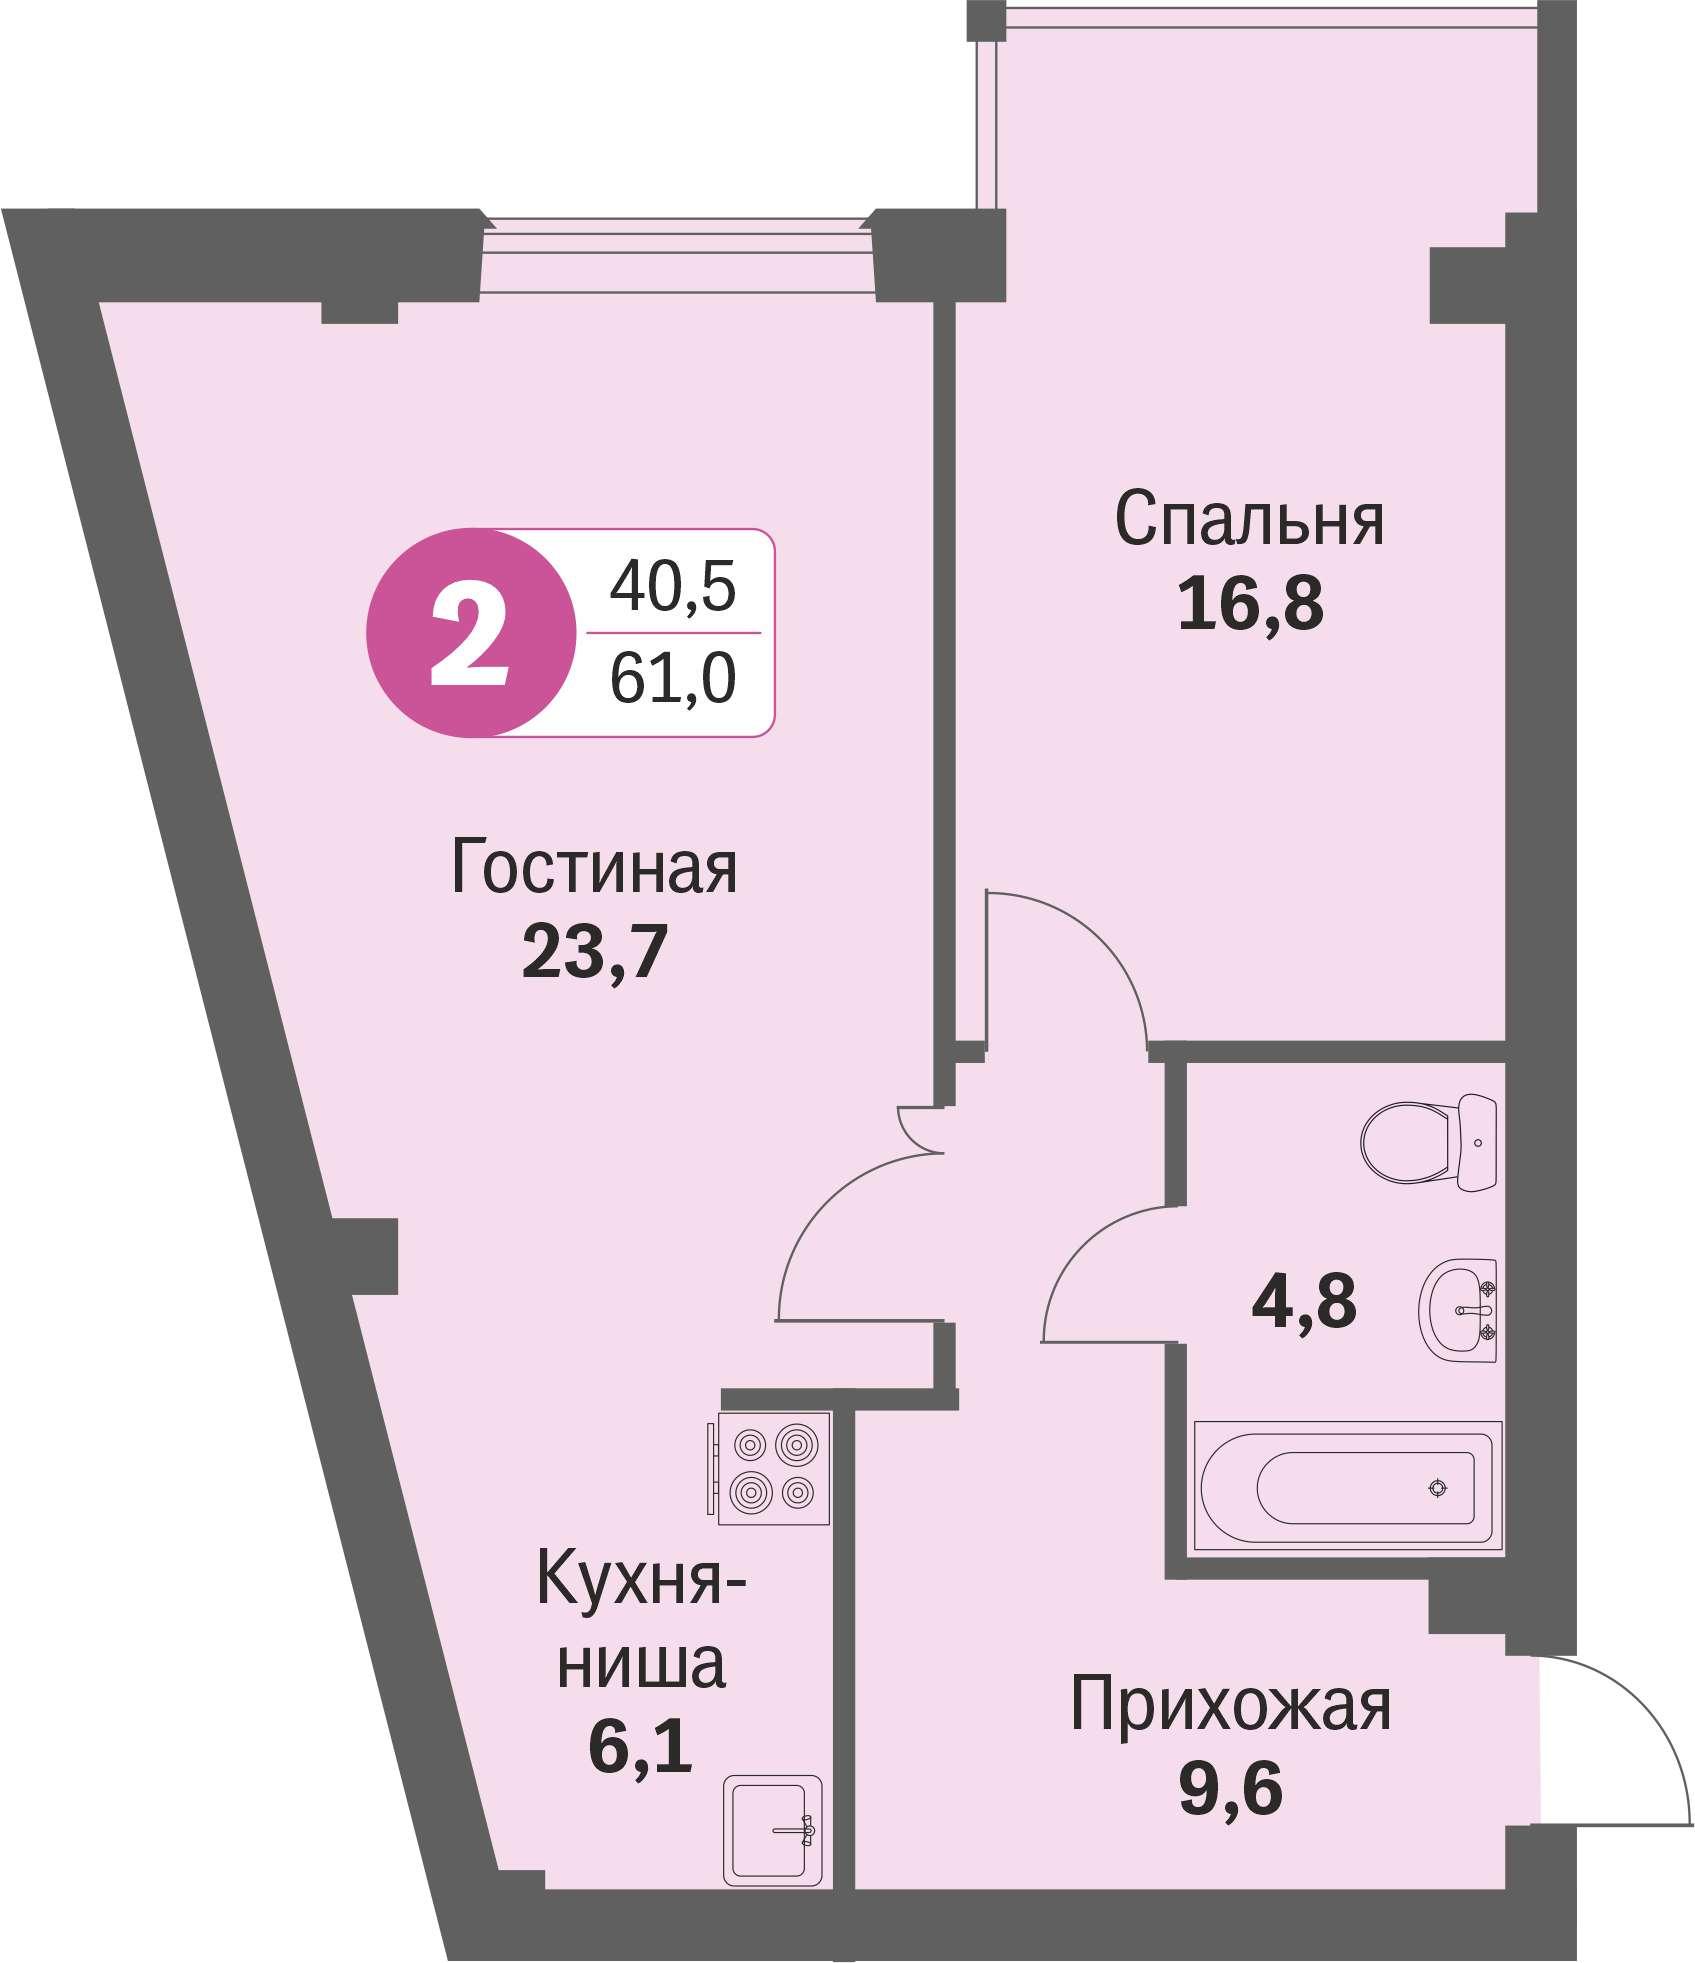 ул. Свиридова д.8, квартира 208 - Двухкомнатная